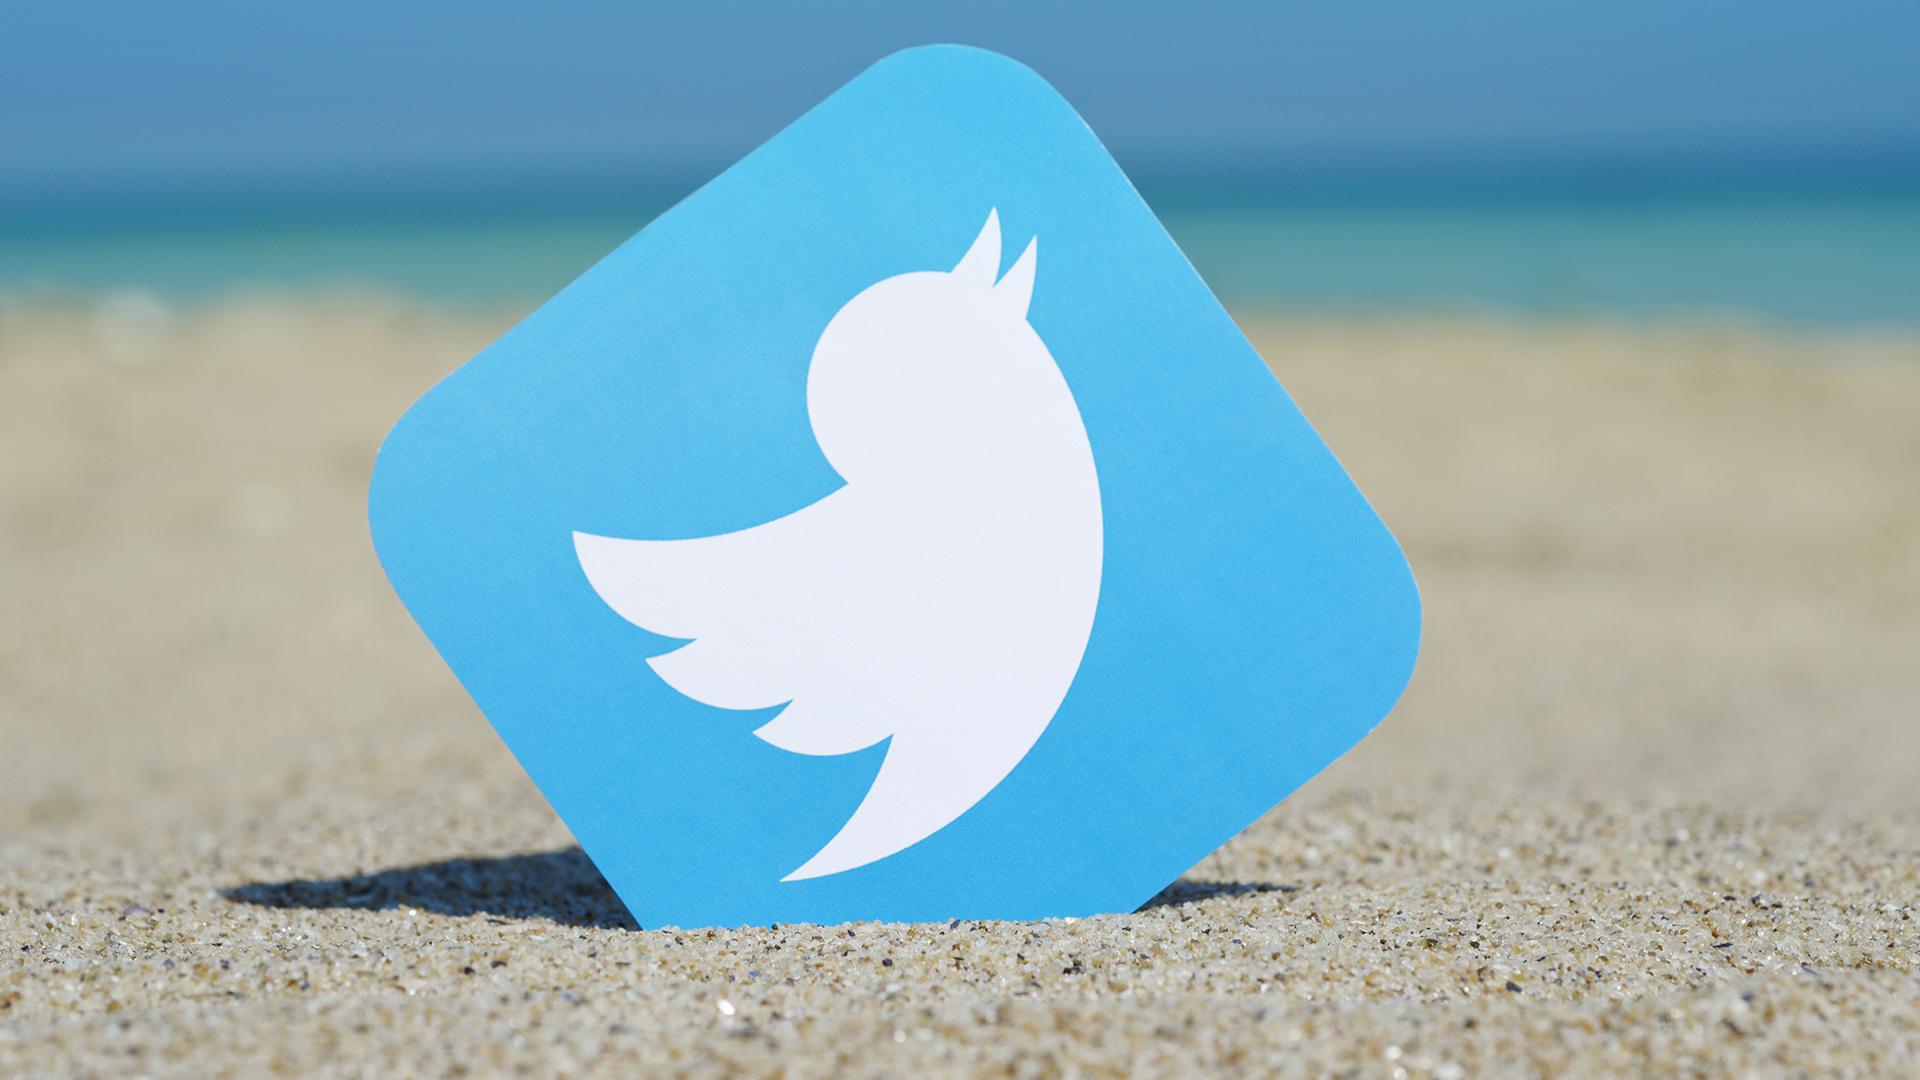 Sosyal medyanın en popüler ve en sevilen platformlarından biri olan Twitter, mobil kullanıcılar için yeni bir güncelleme getiriyor! Twitter mobil kullanıcılara 4K görüntü paylaşım imkânı sunuyor.